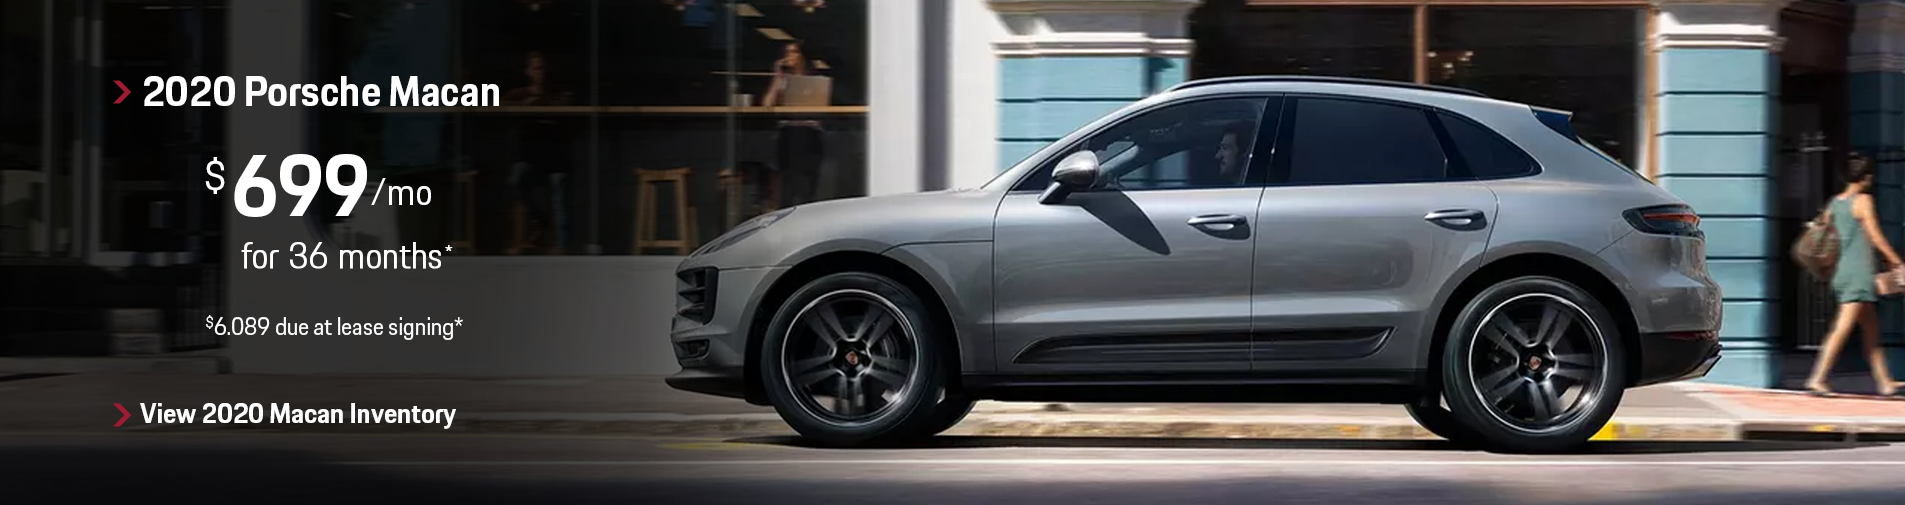 2020 Porsche Macan Lease Special